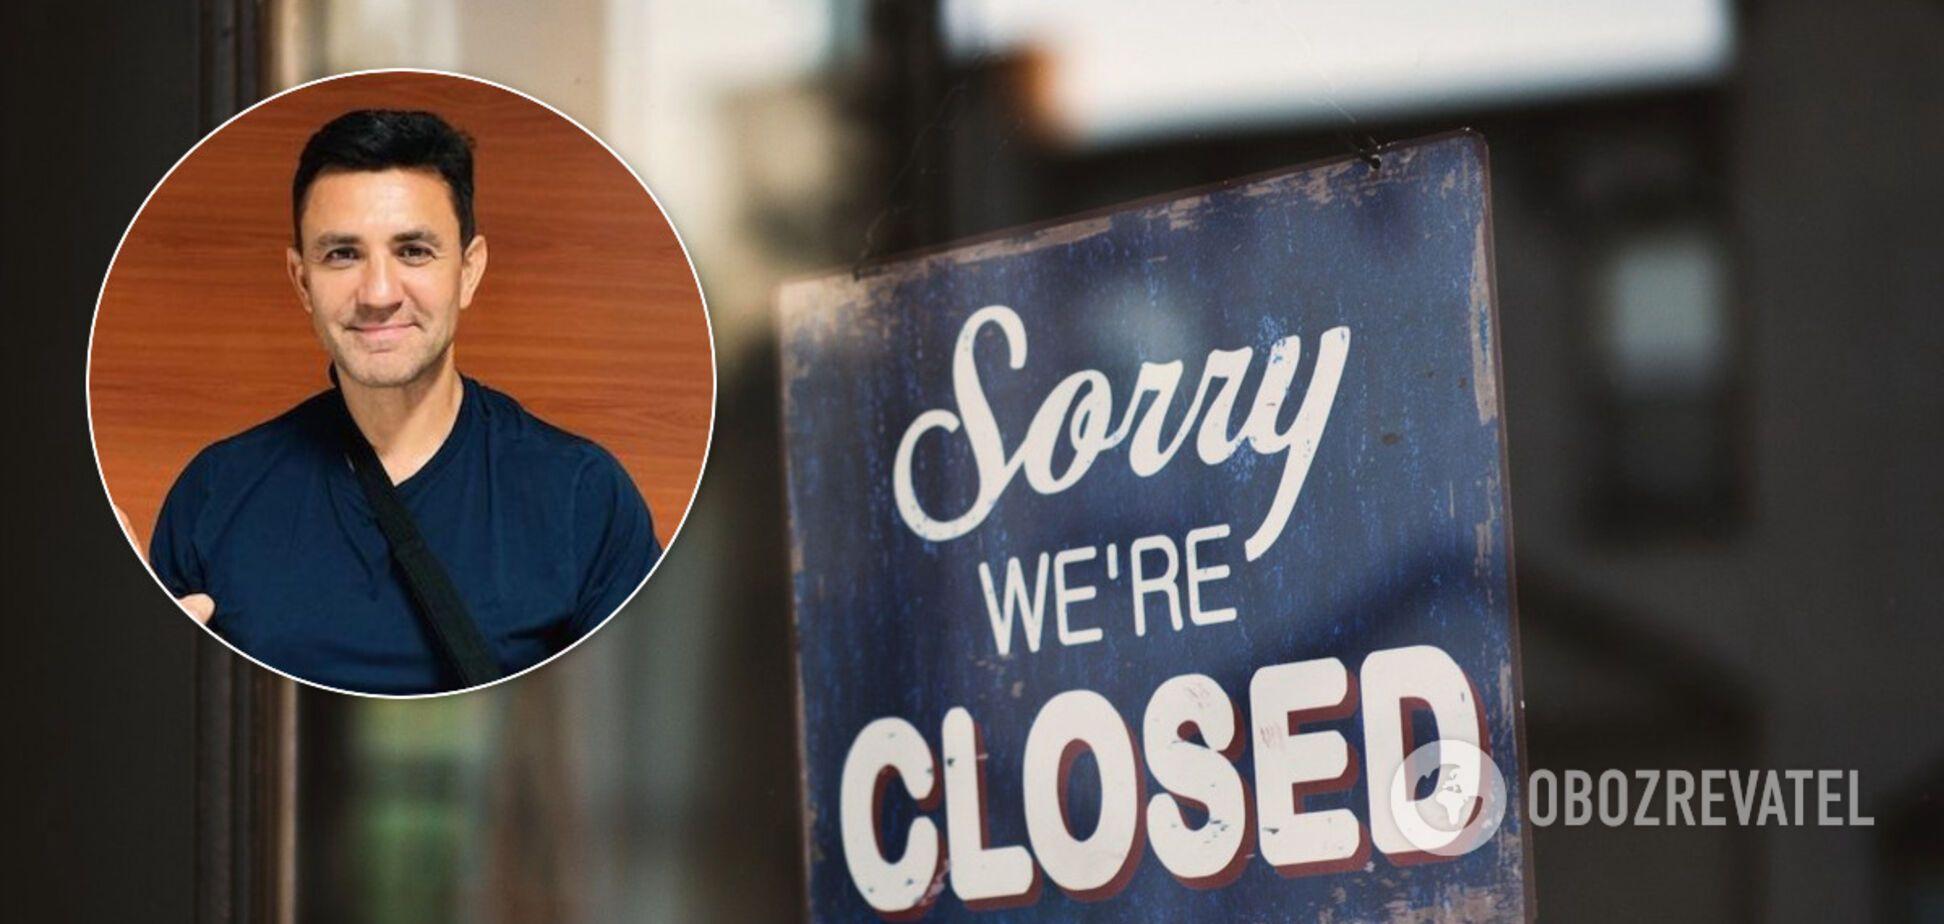 'Какие же вы уроды!' Соратники Зеленского жируют в ресторане: вам можно все, а нам – закон?